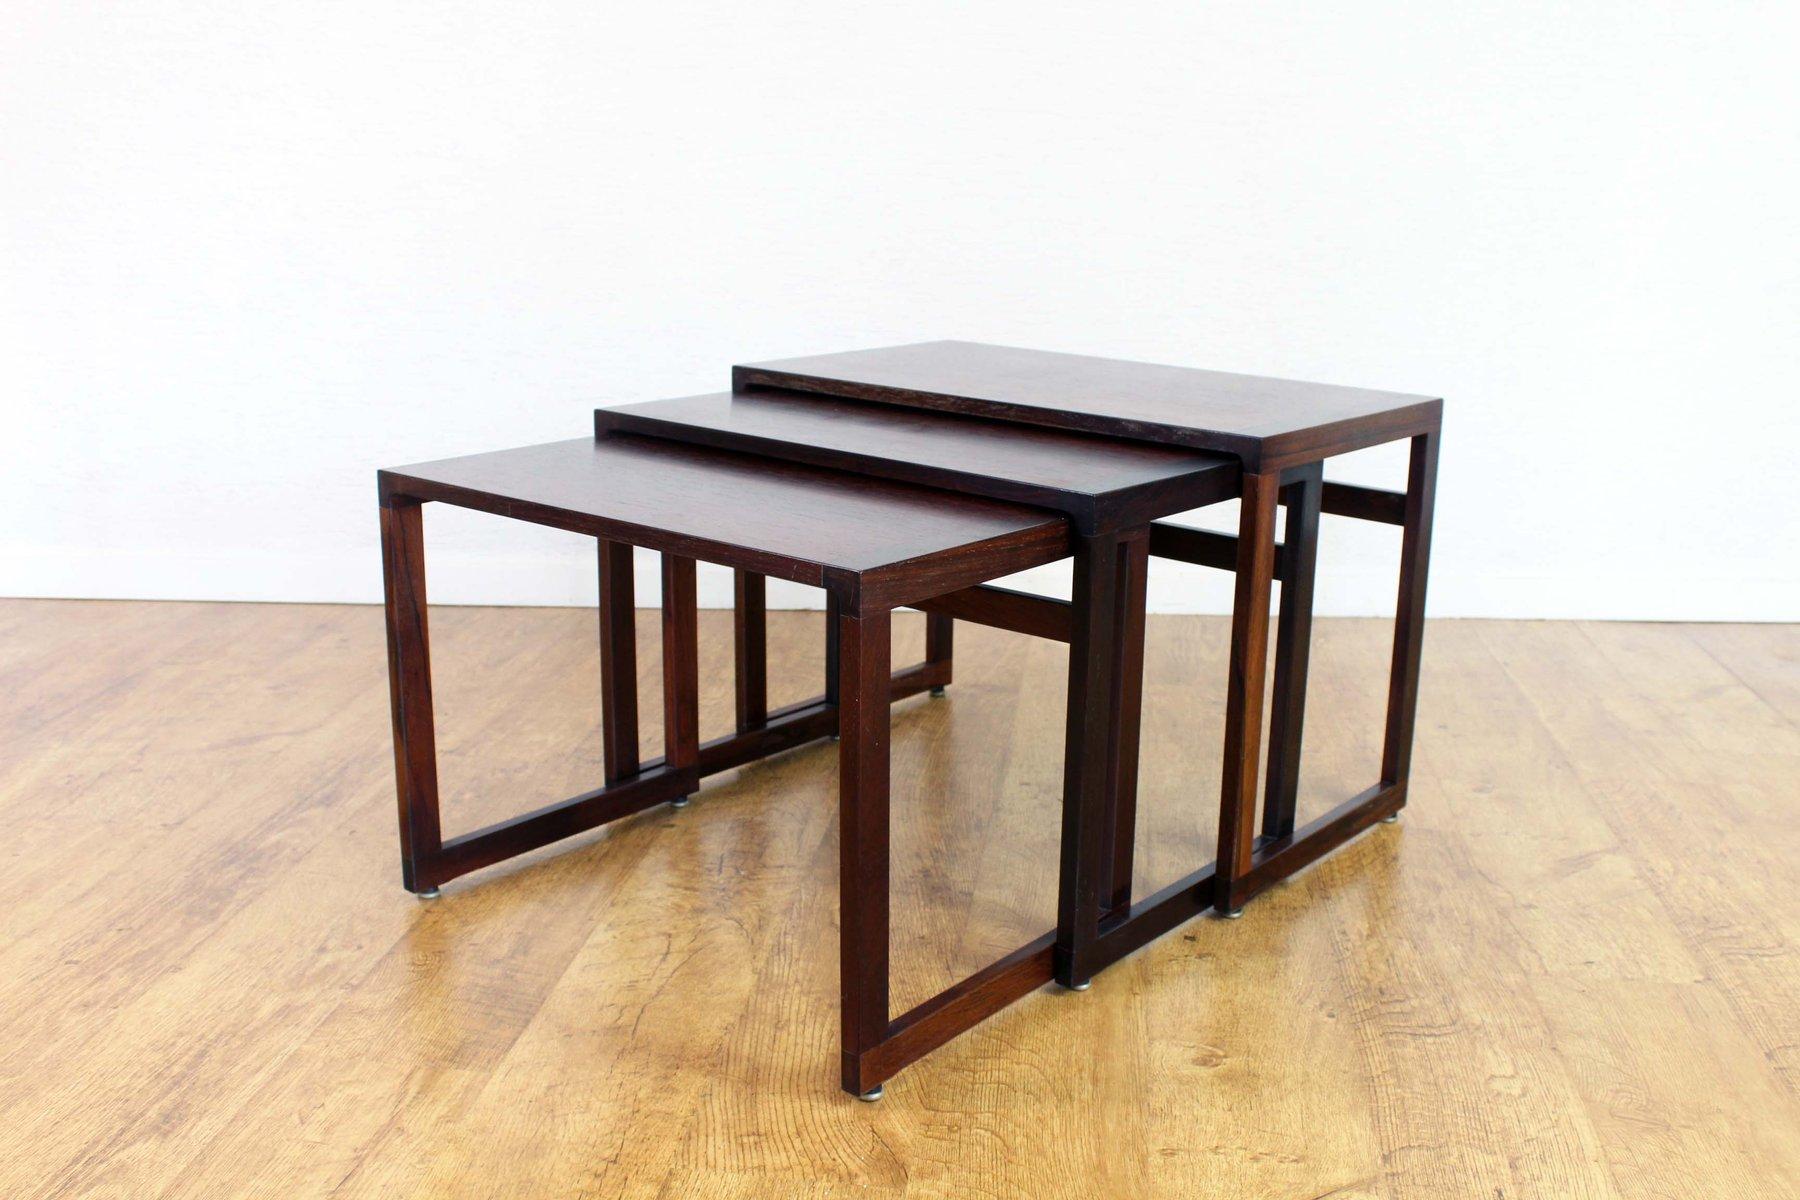 tables gigognes vintage en palissandre - Table Gigogne Vintage